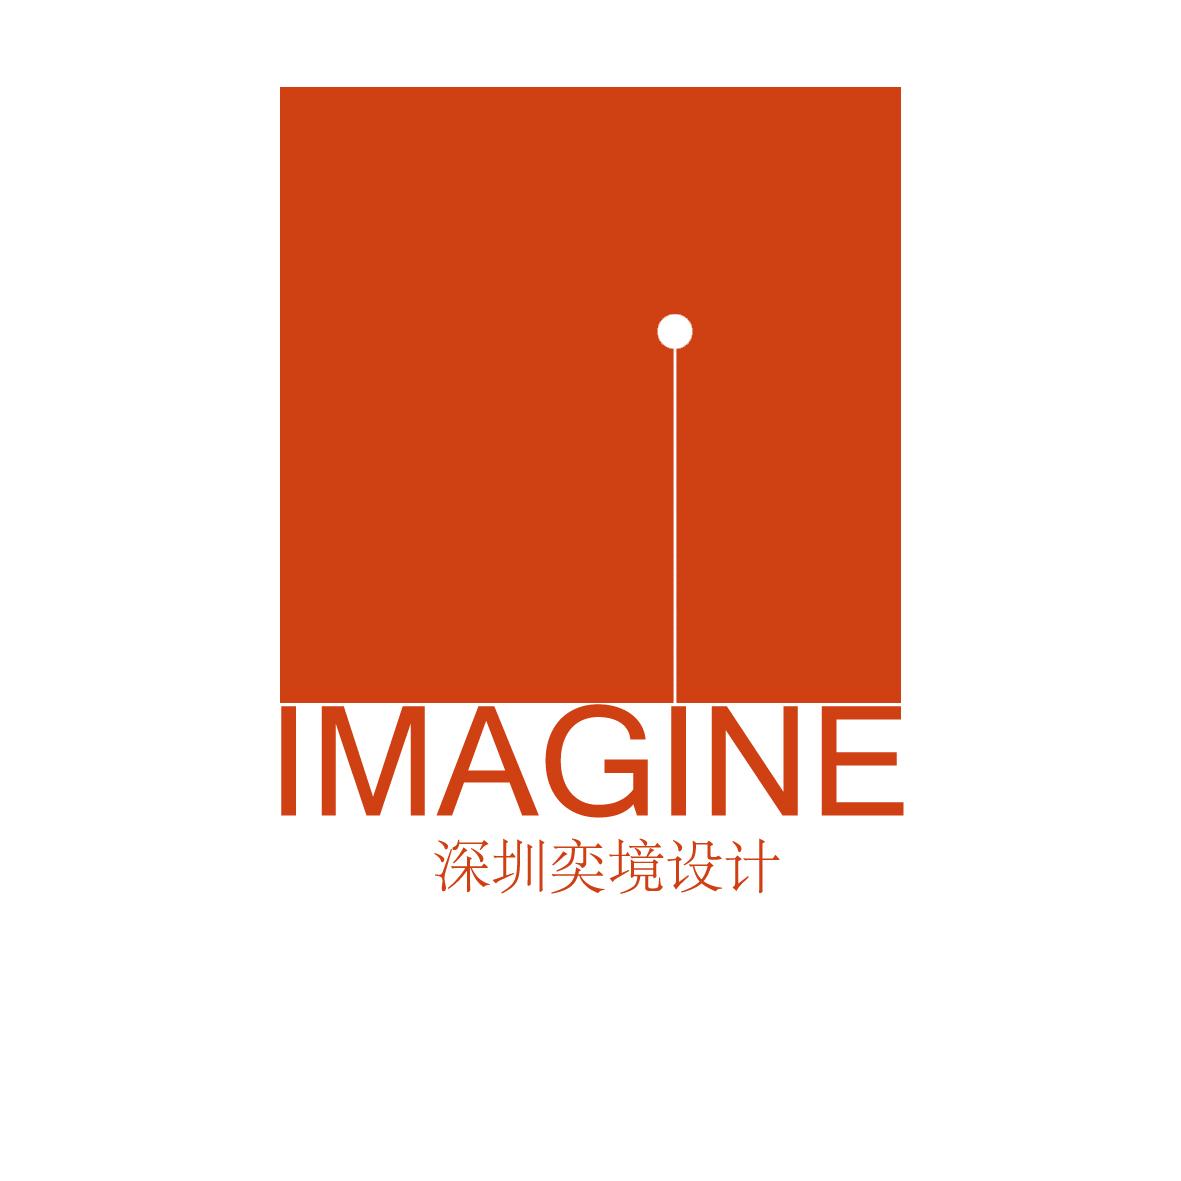 深圳市奕境建筑装饰设计工程有限公司招聘信息